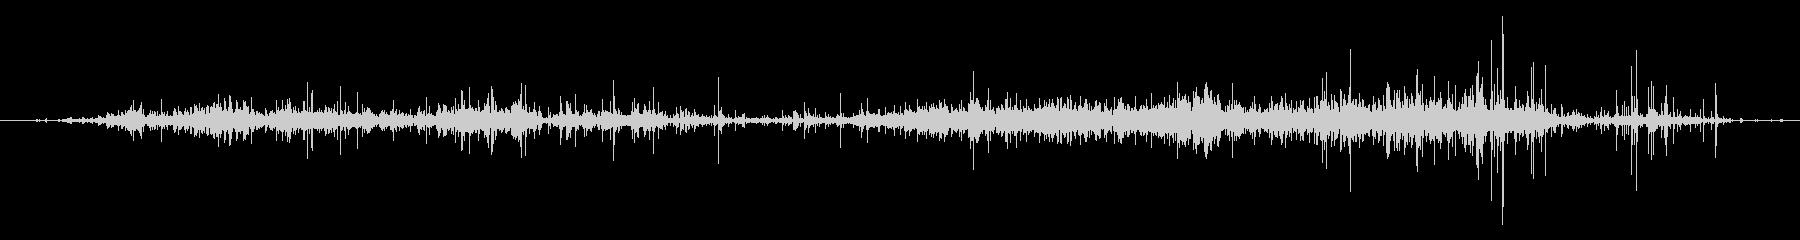 ASMR ビニールをぐしゃぐしゃにする音の未再生の波形